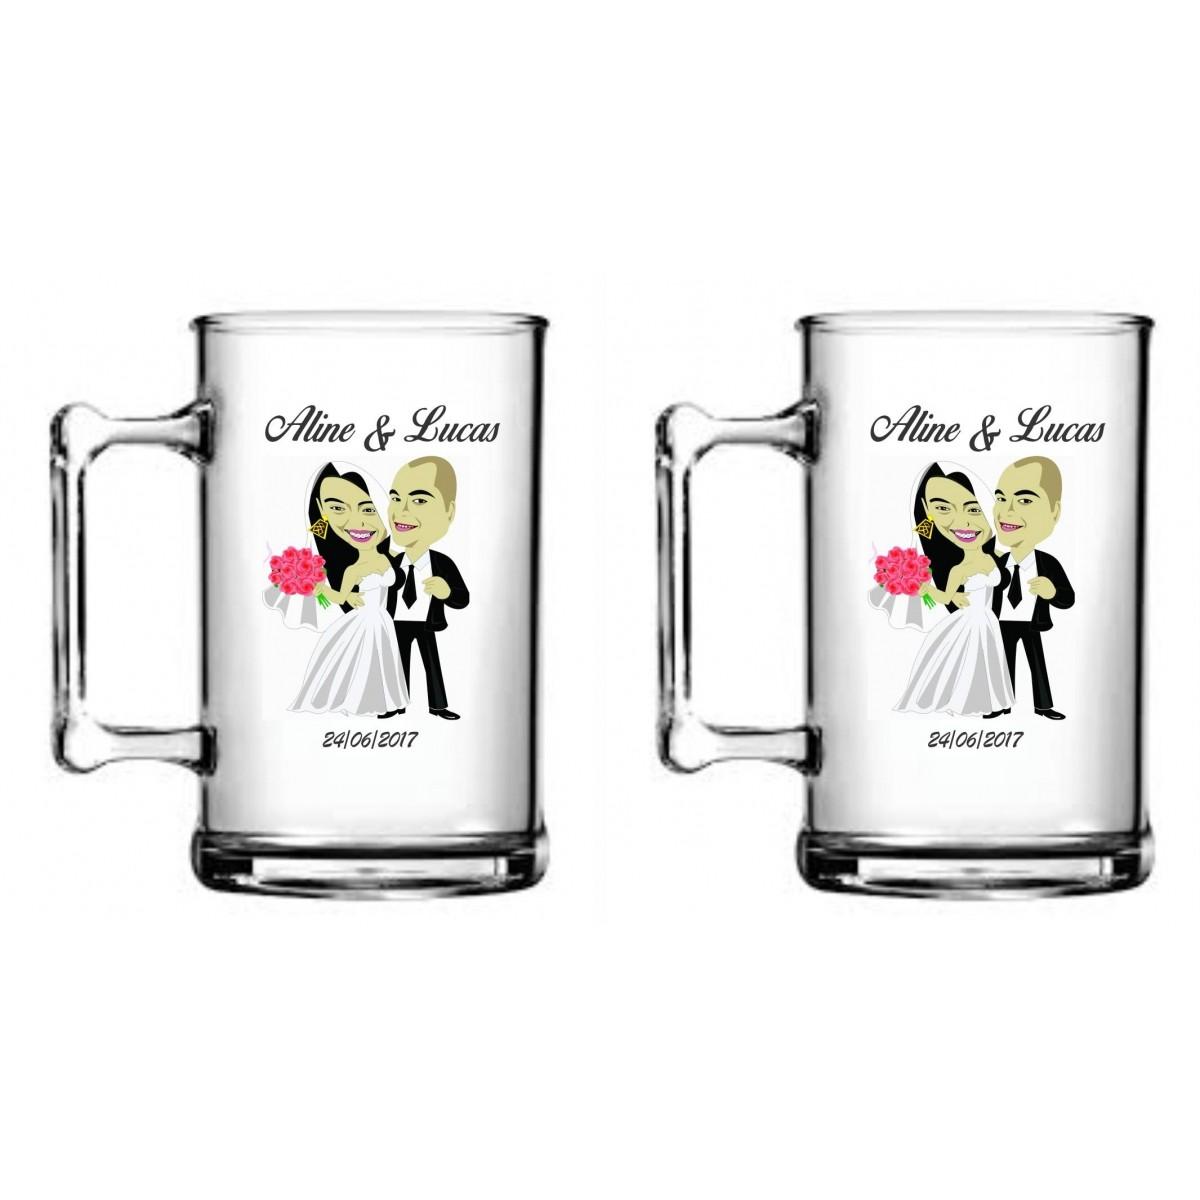 Caneca Acrílica 330 ml Personalizada - Casamento - Kit com 50 unidades  - Bolas Lassabia - Bolas de Futebol e Volei